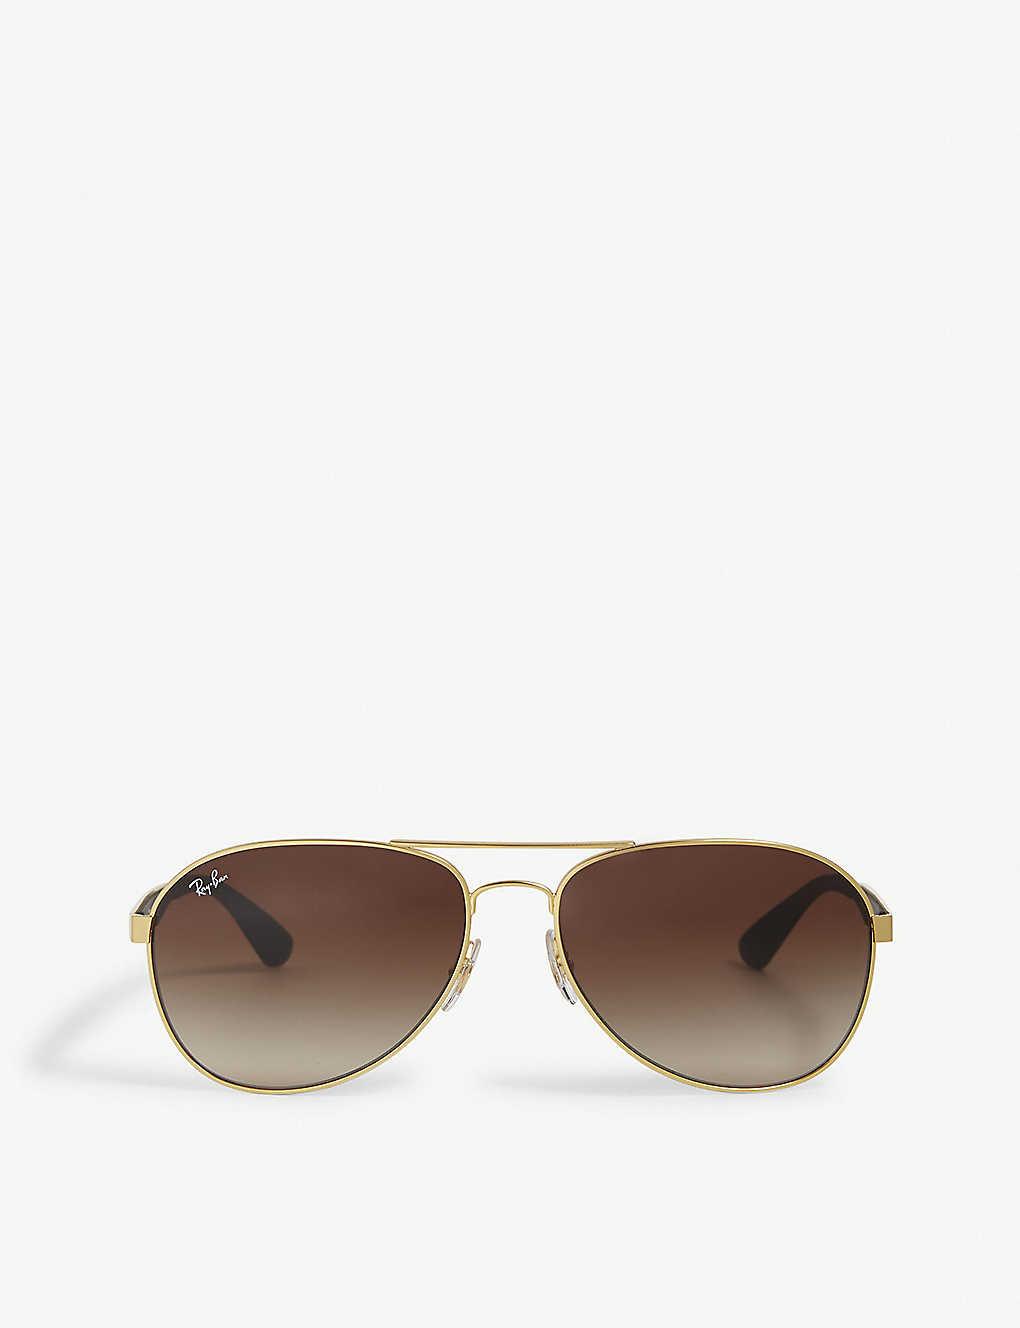 0d3f9da655 RAY-BAN - Gold pilot sunglasses